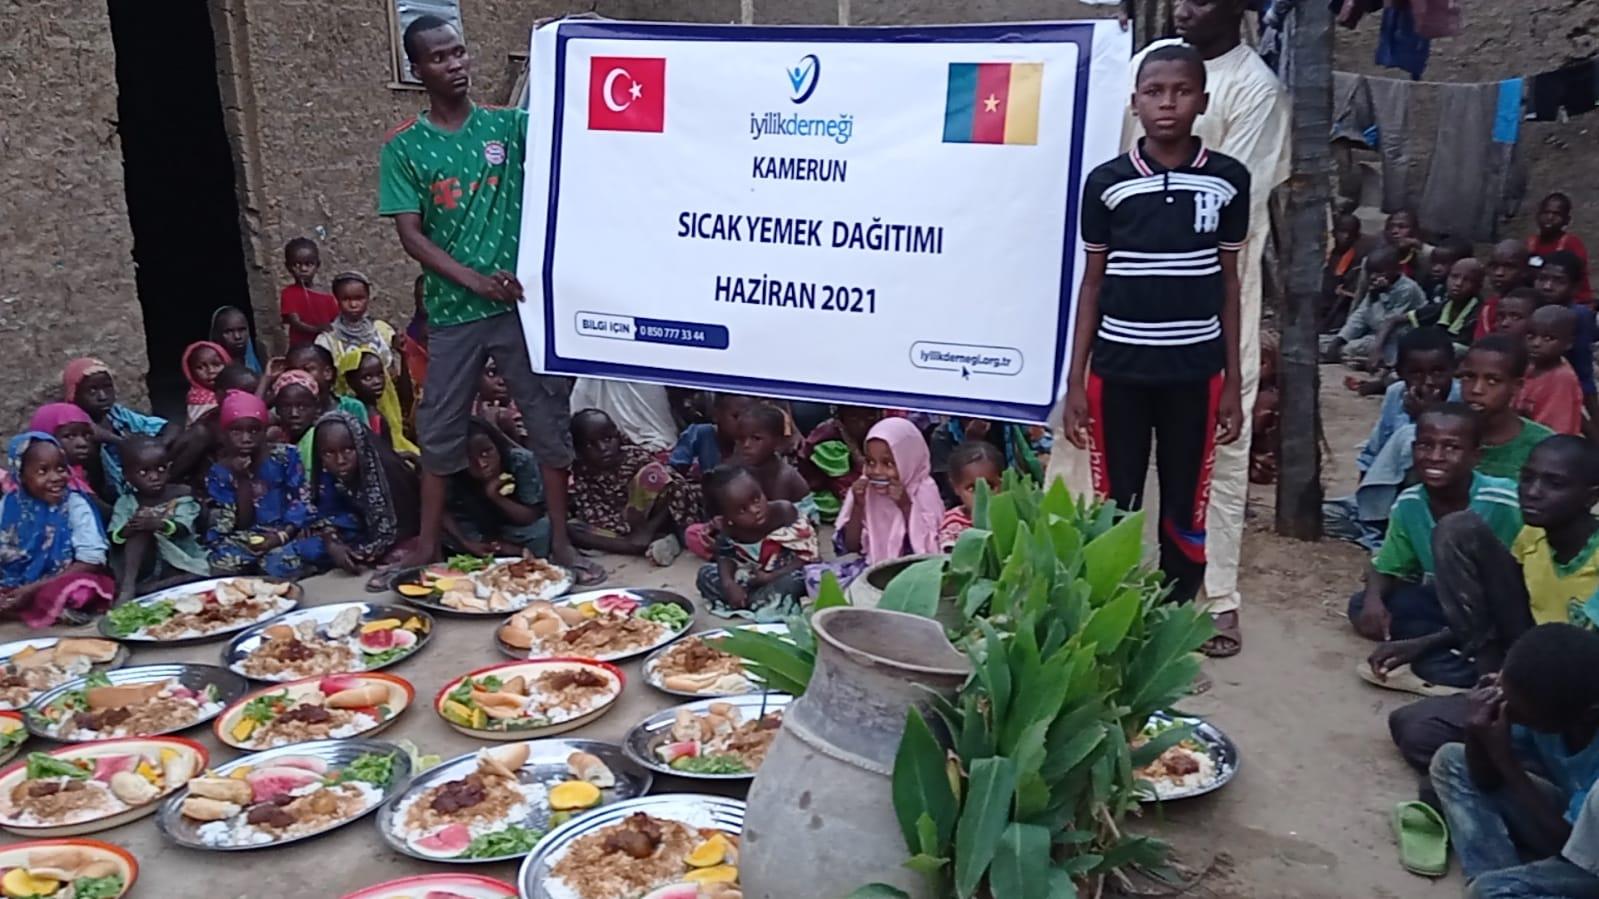 Kamerun'da Sıcak Yemek Dağıtımı Yapıldı